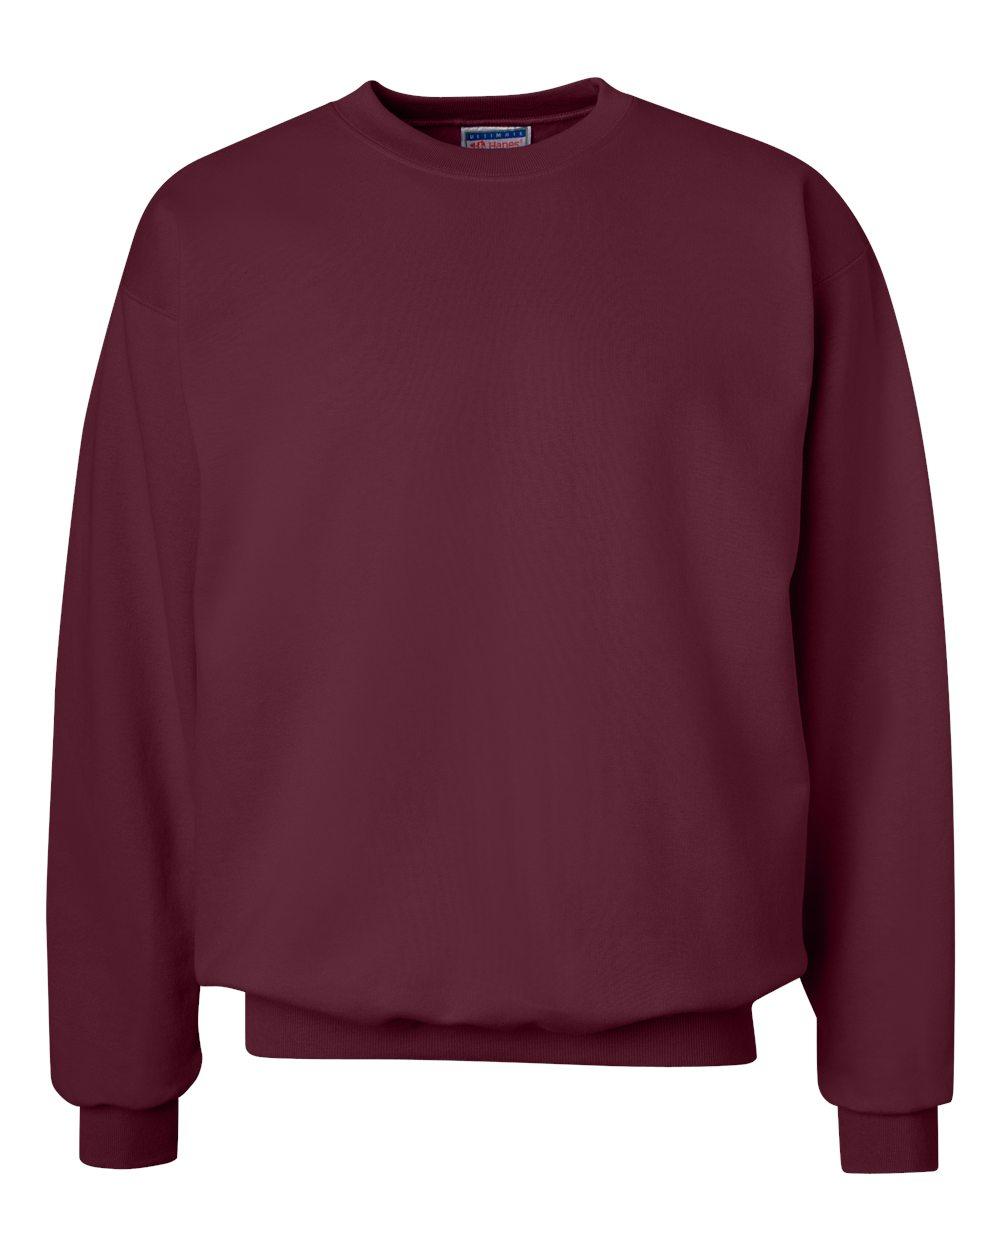 Fleece Ultimate Cotton Crewneck Sweatshirt